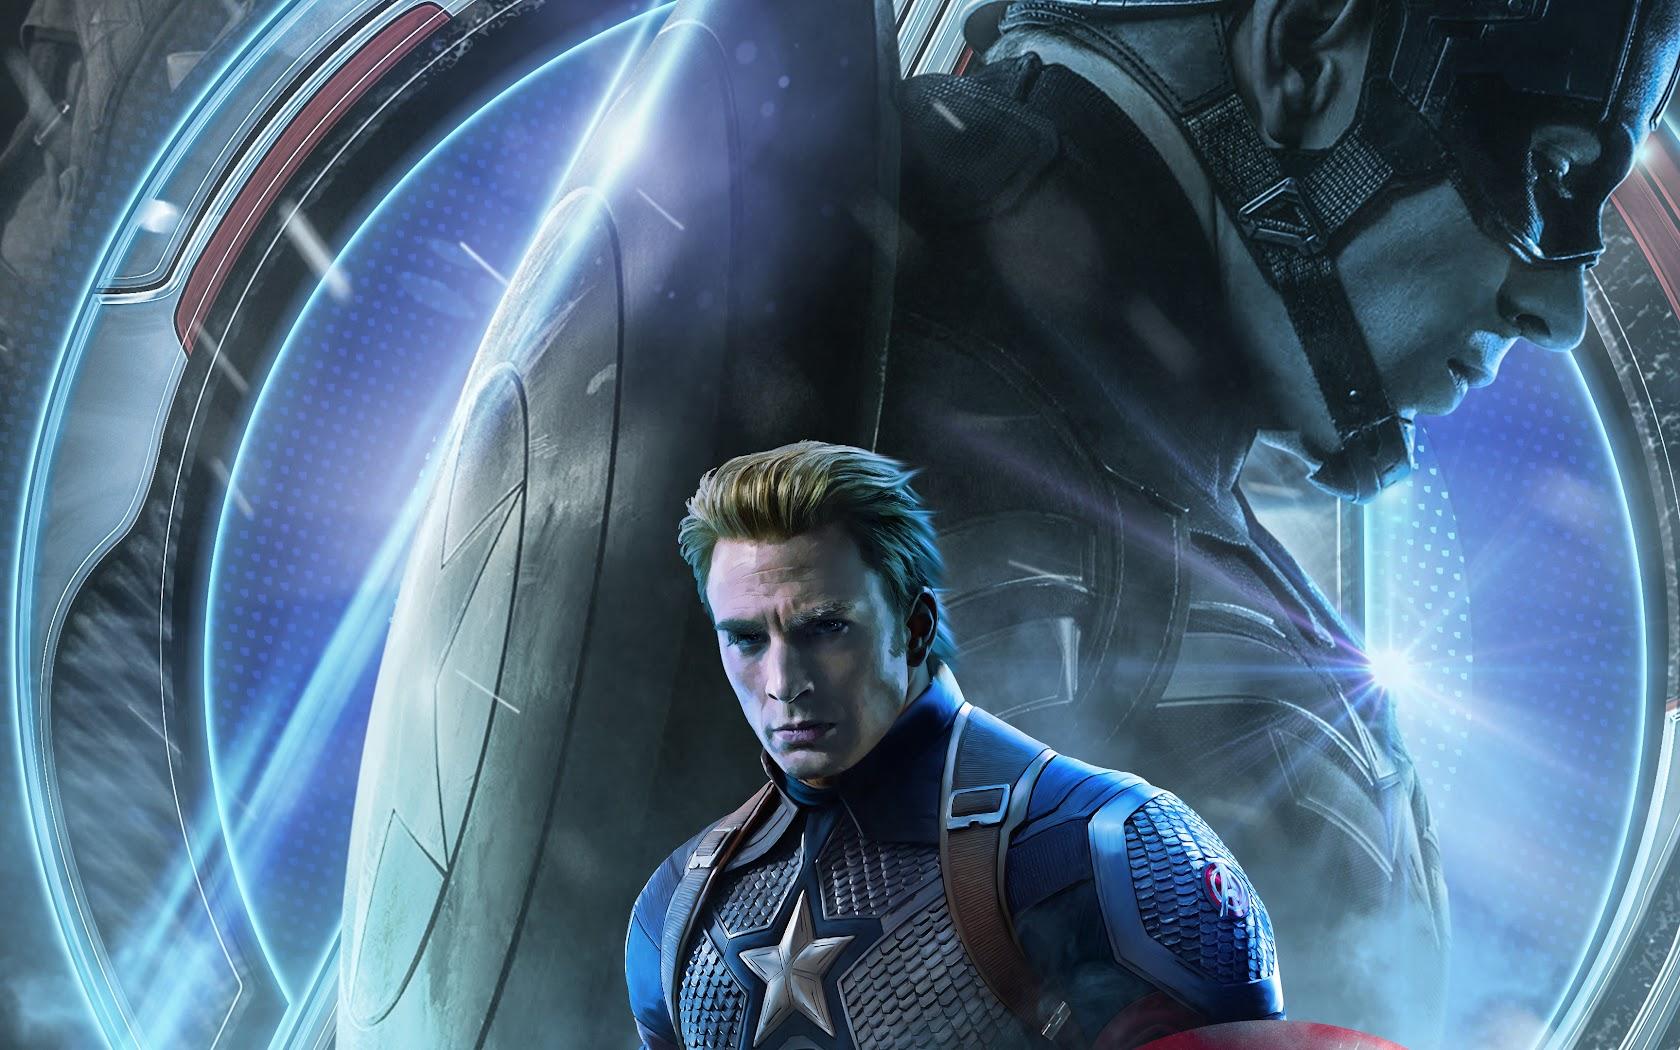 Avengers: Endgame, Captain America, 4K, #97 Wallpaper